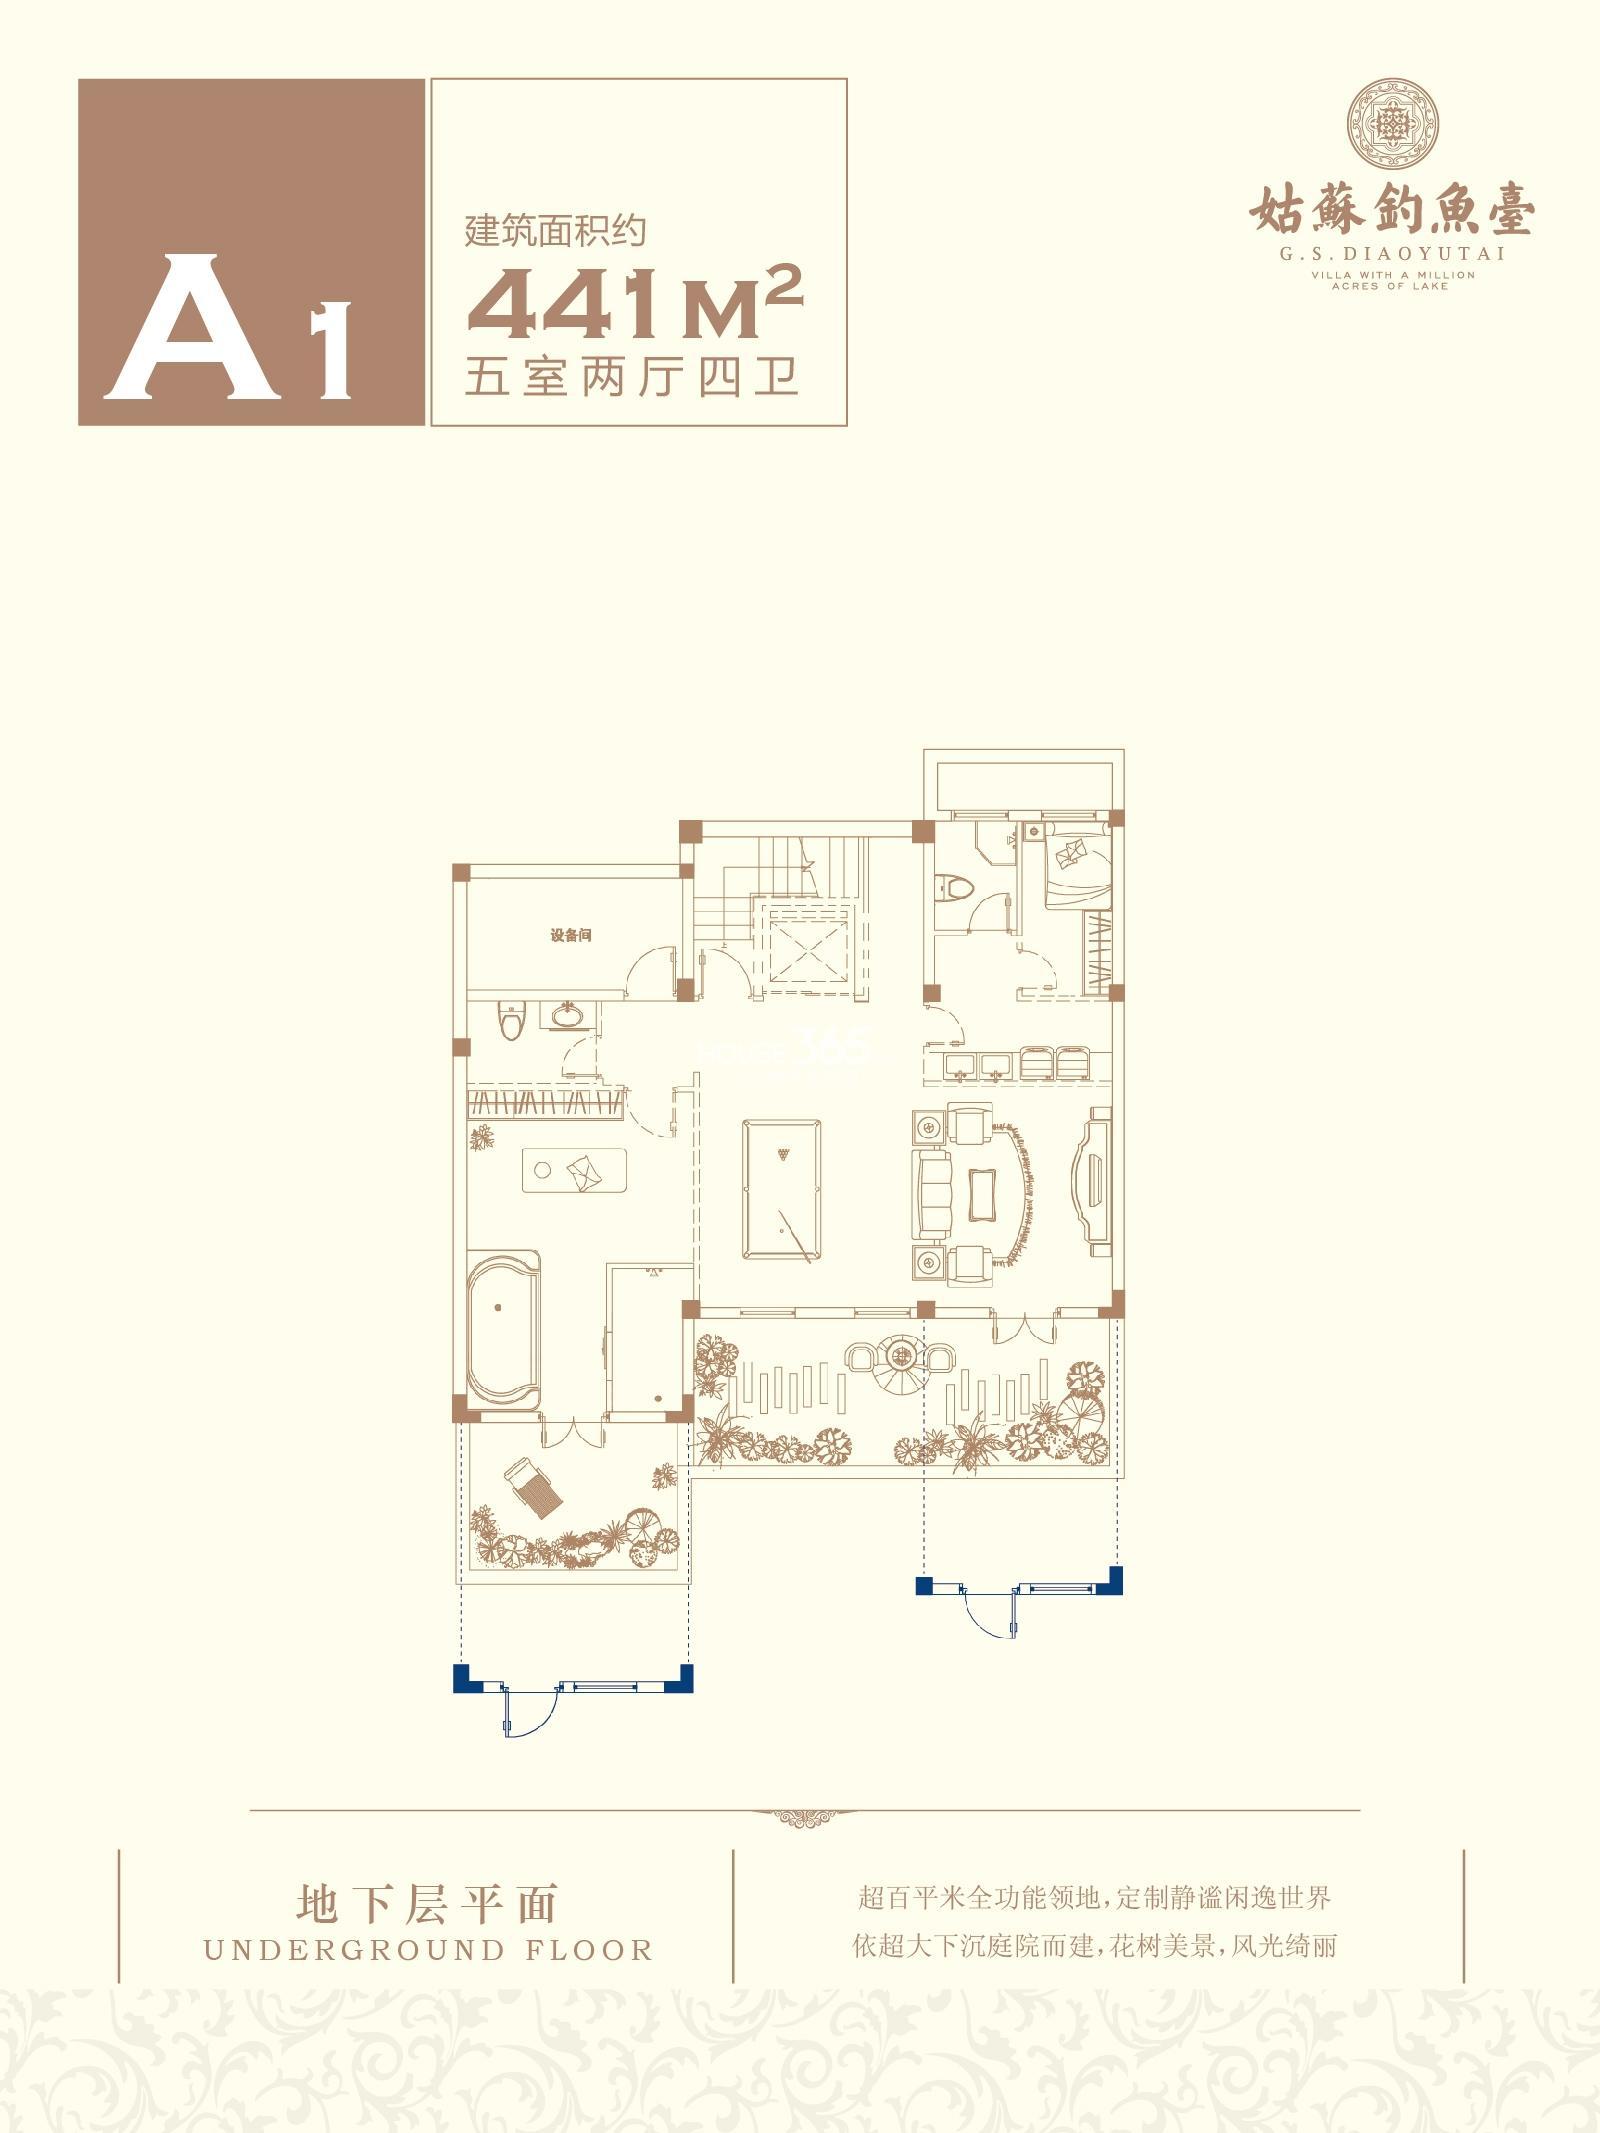 A1户型五室两厅四卫441平米 地下层平面图